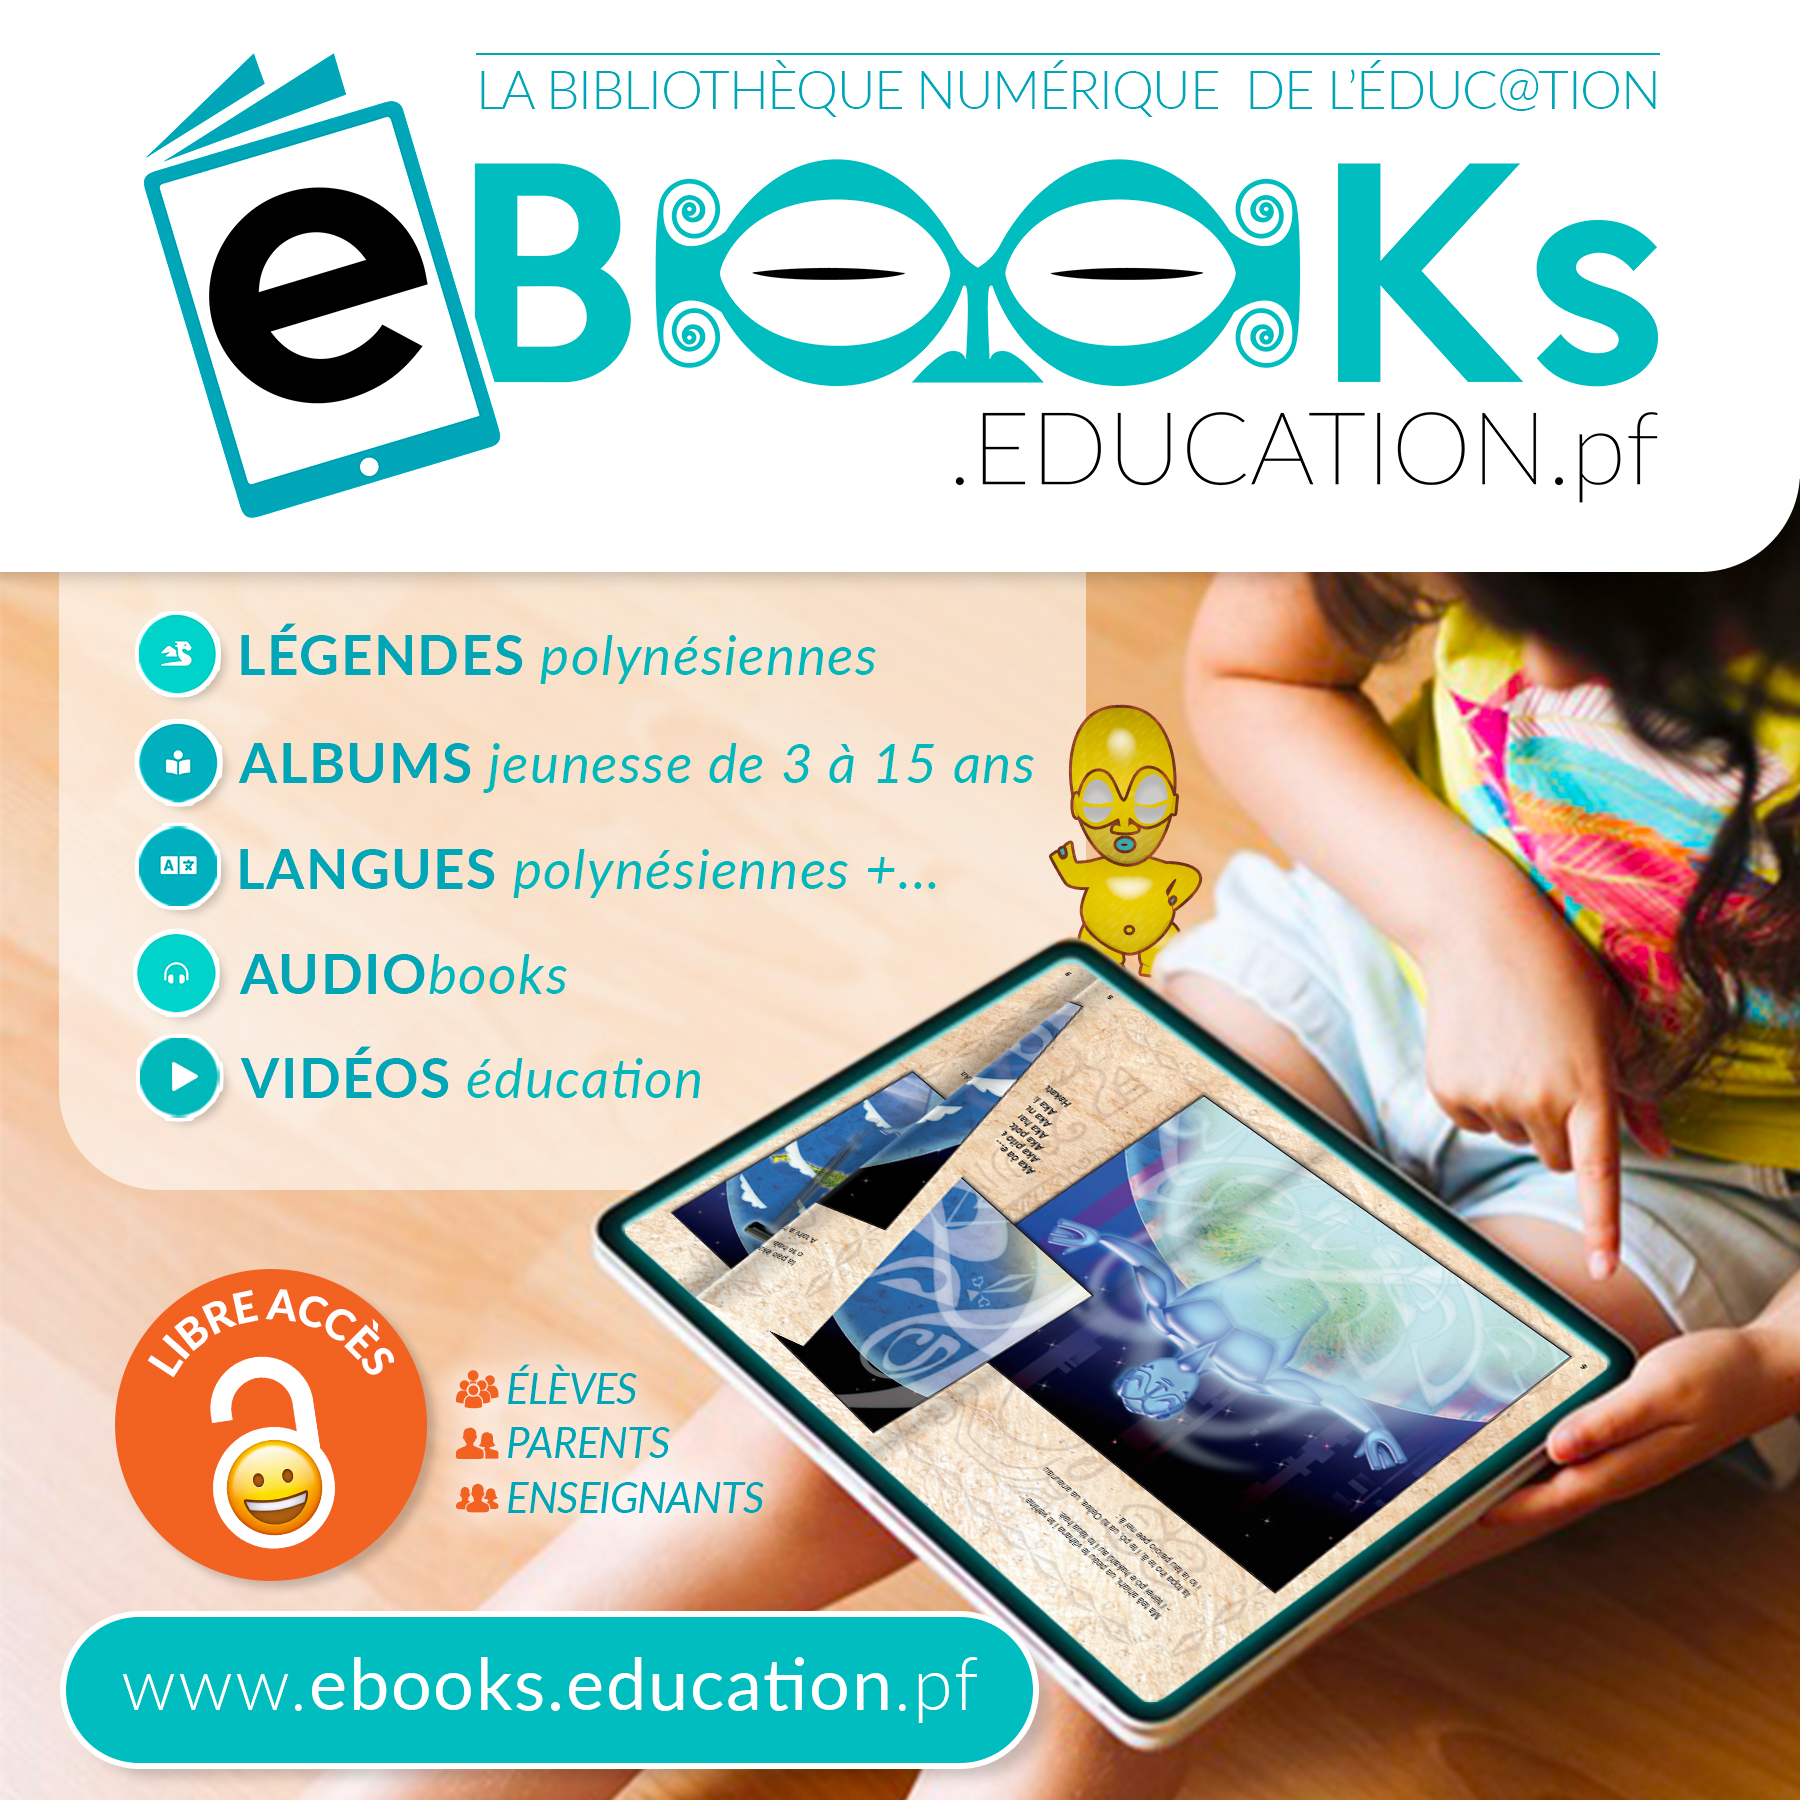 pub1-ebookseducation-carre